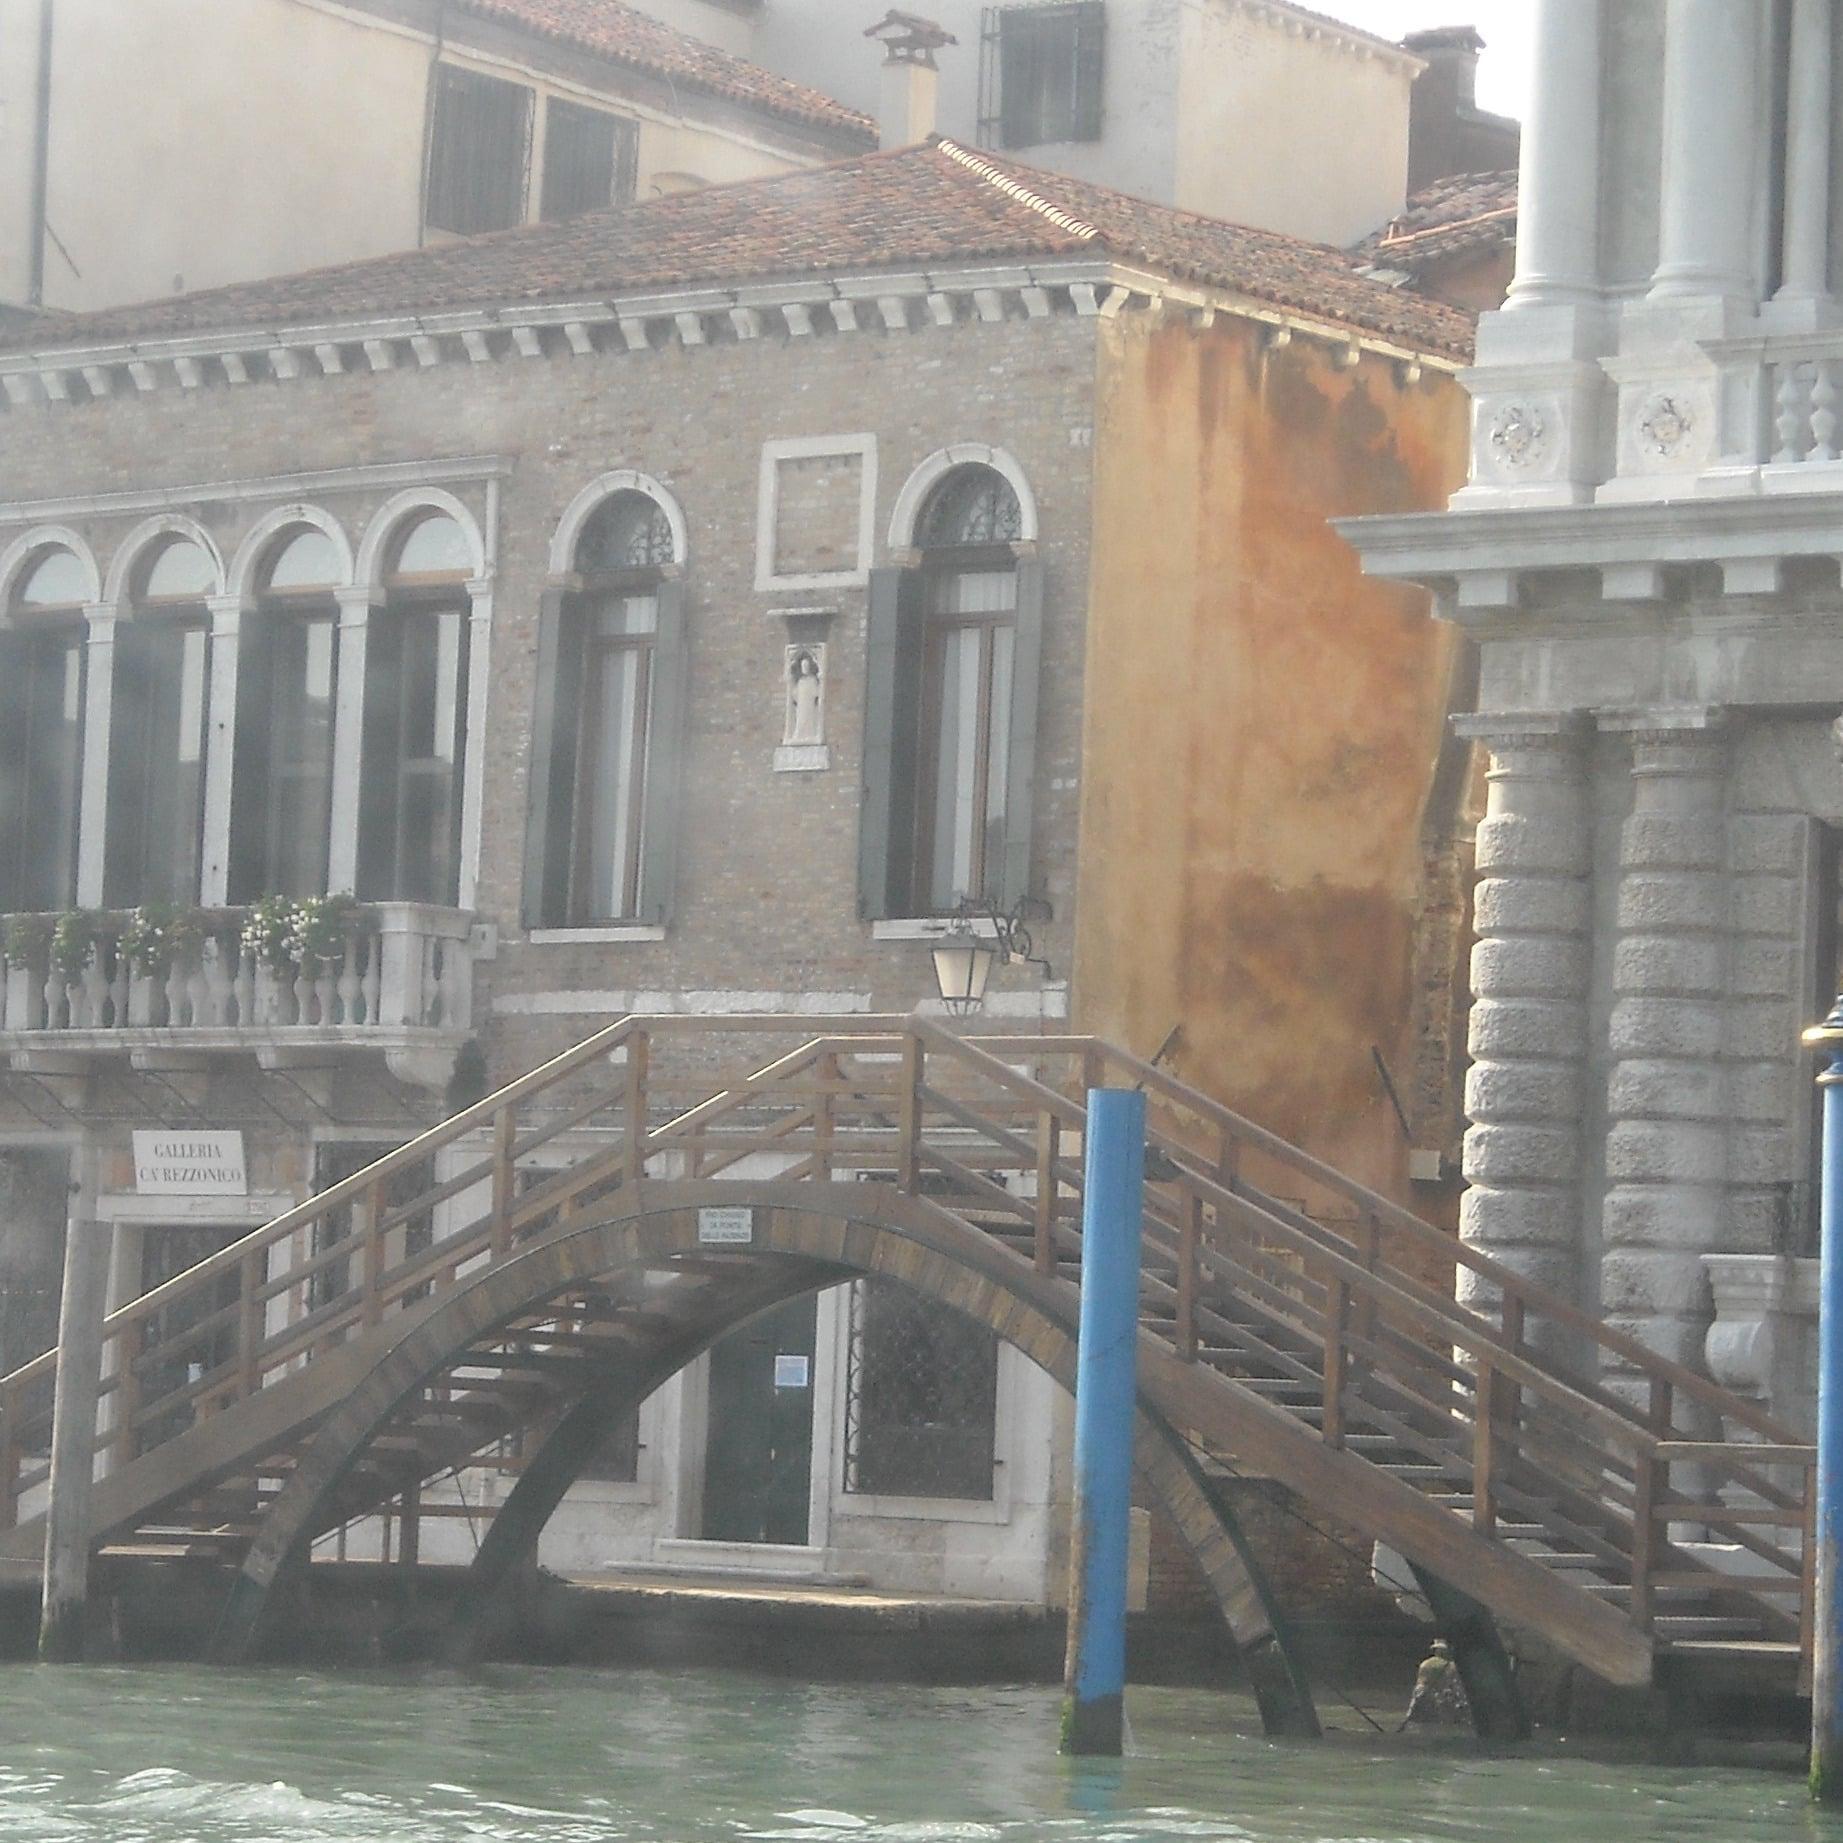 Assicurazioni a Fiumicino i migliori 38 assicuratori Preventivi gratis polizza